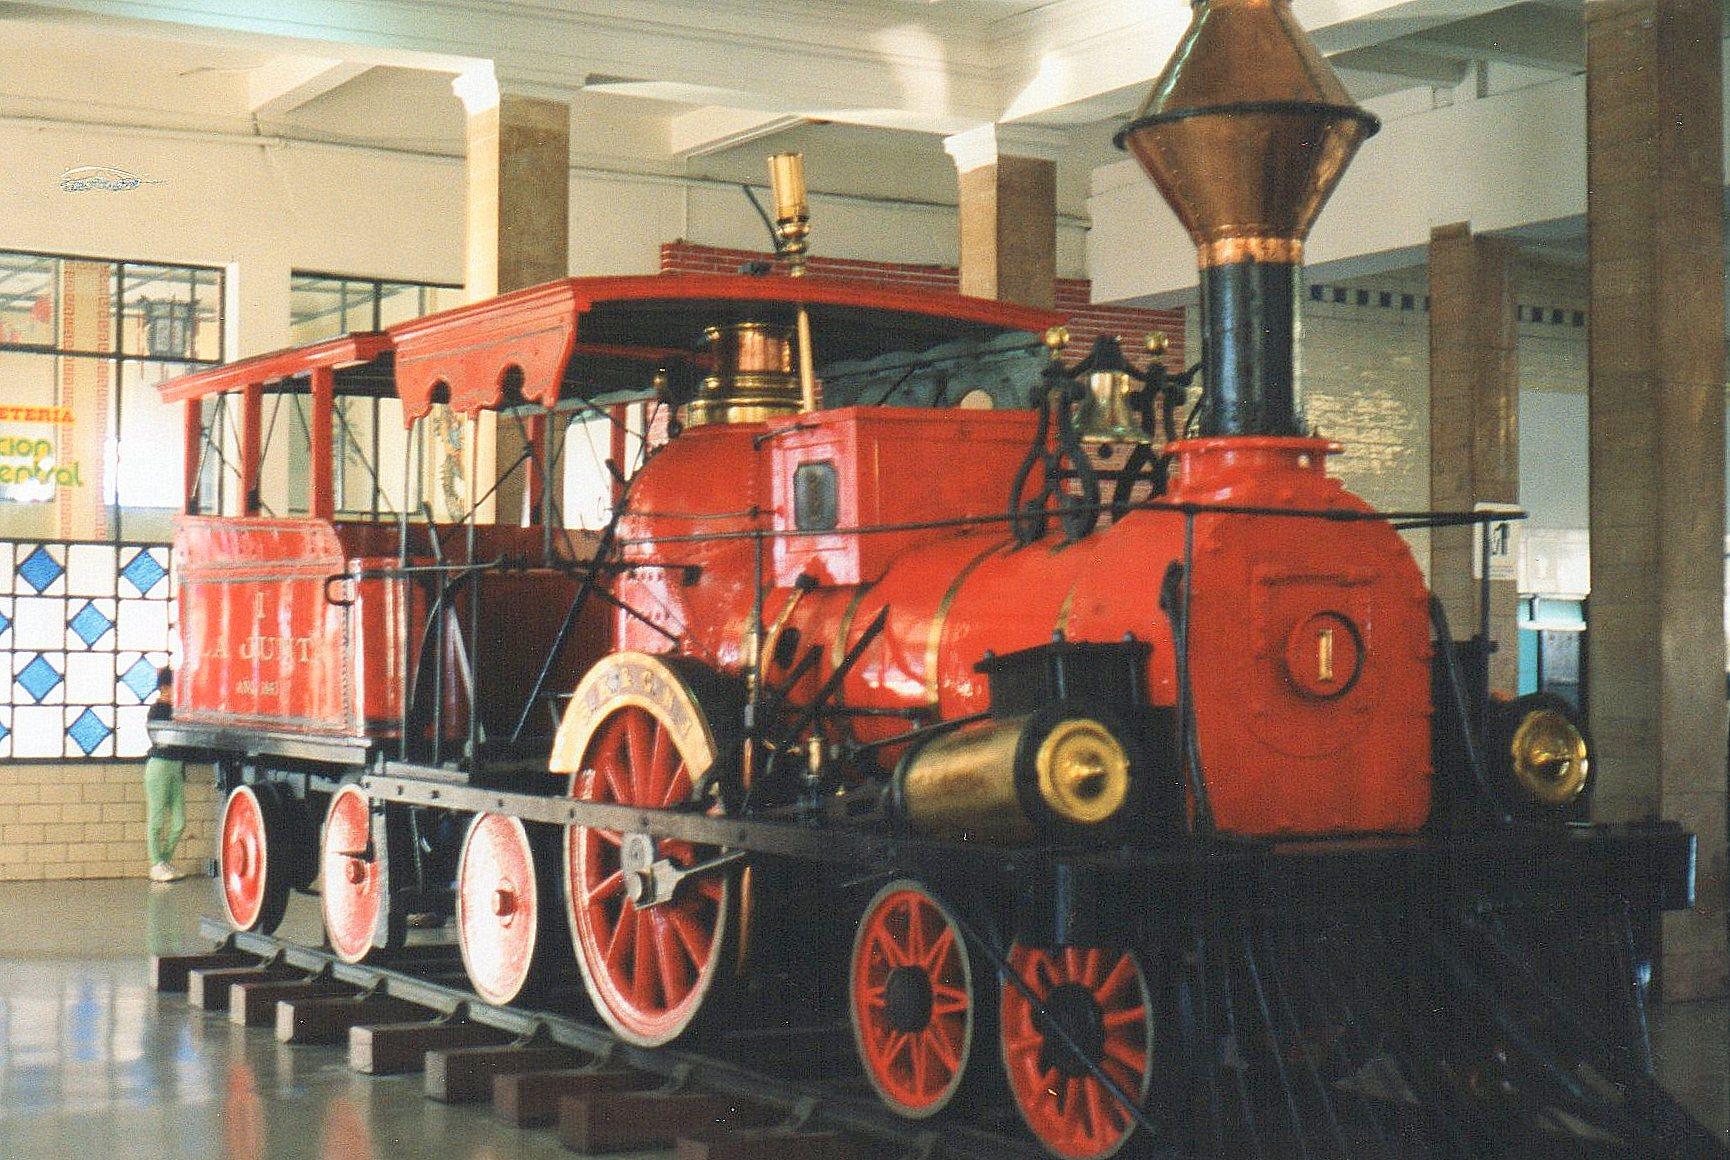 """De cubanske jernbaners først lokomotiv, """"La Junta"""" fra 1843, og således fire år ældre end de første danske lokomotiv og et år ældre end Altona - Kiels Banens første lokomotiv! Skærmen bar betegnelsen RK & GNJ. 2A1. Det fører tender med tag over! Det var opstillet på Havanas Hovedbanegård, hvor Castros forgænger, Batistas salonvogn også var udstillet."""